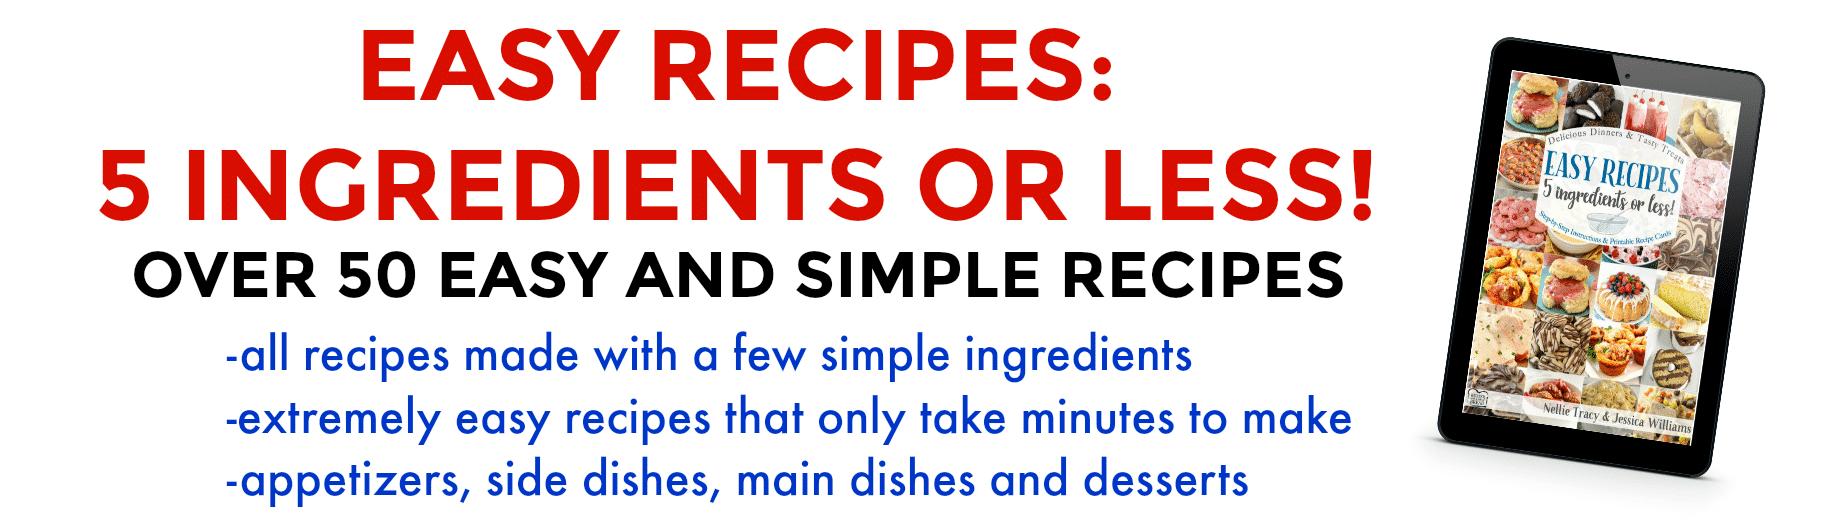 Easy Recipes Details